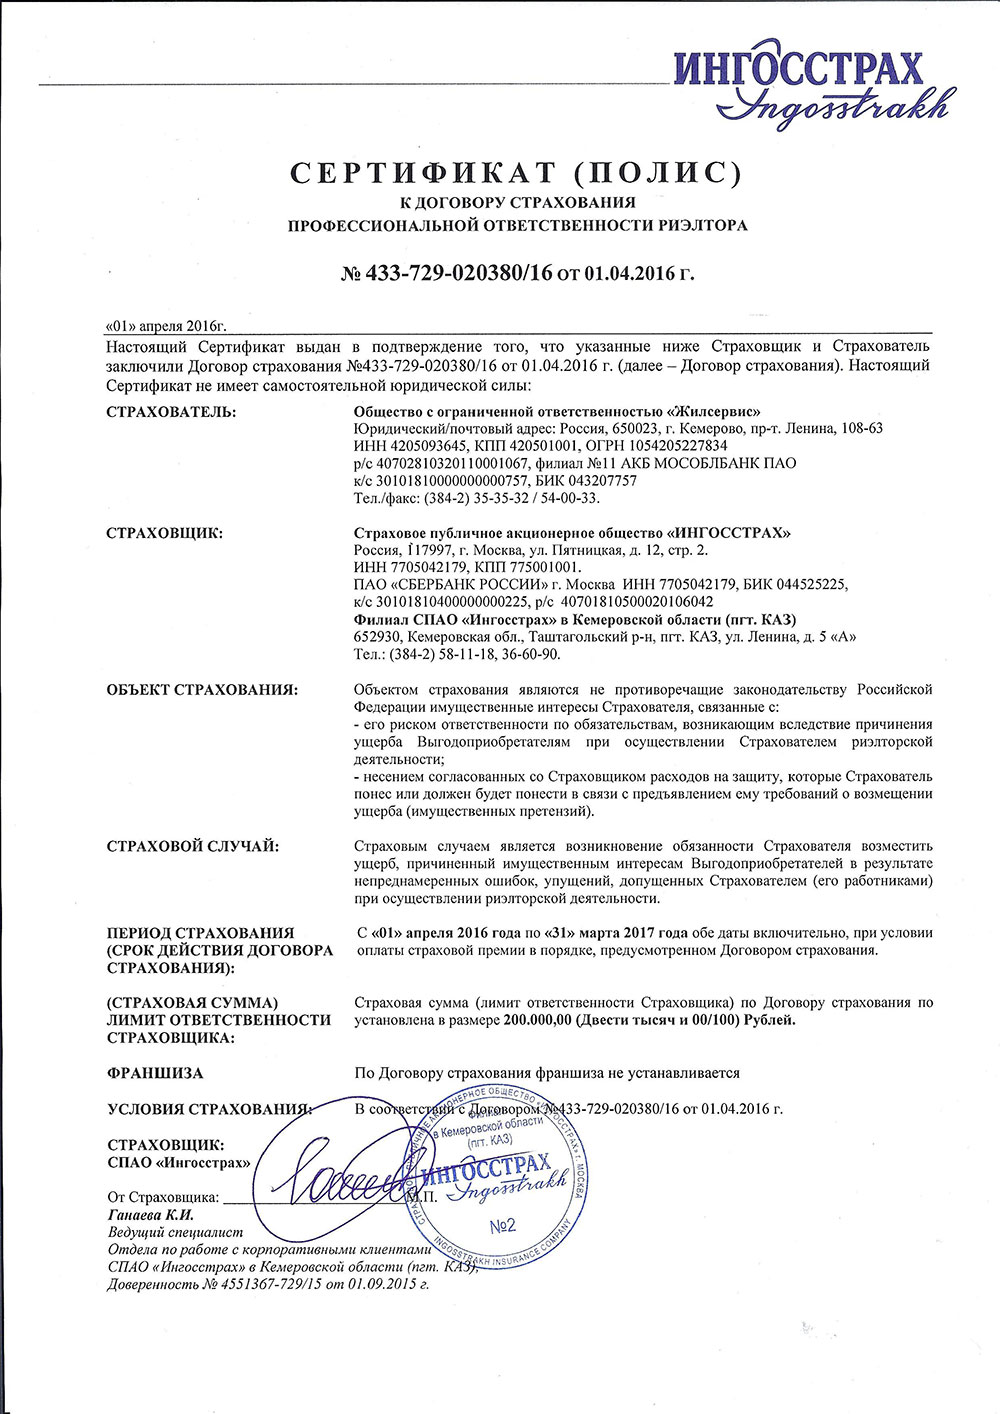 Сертификат (полис) «Ингосстрах»